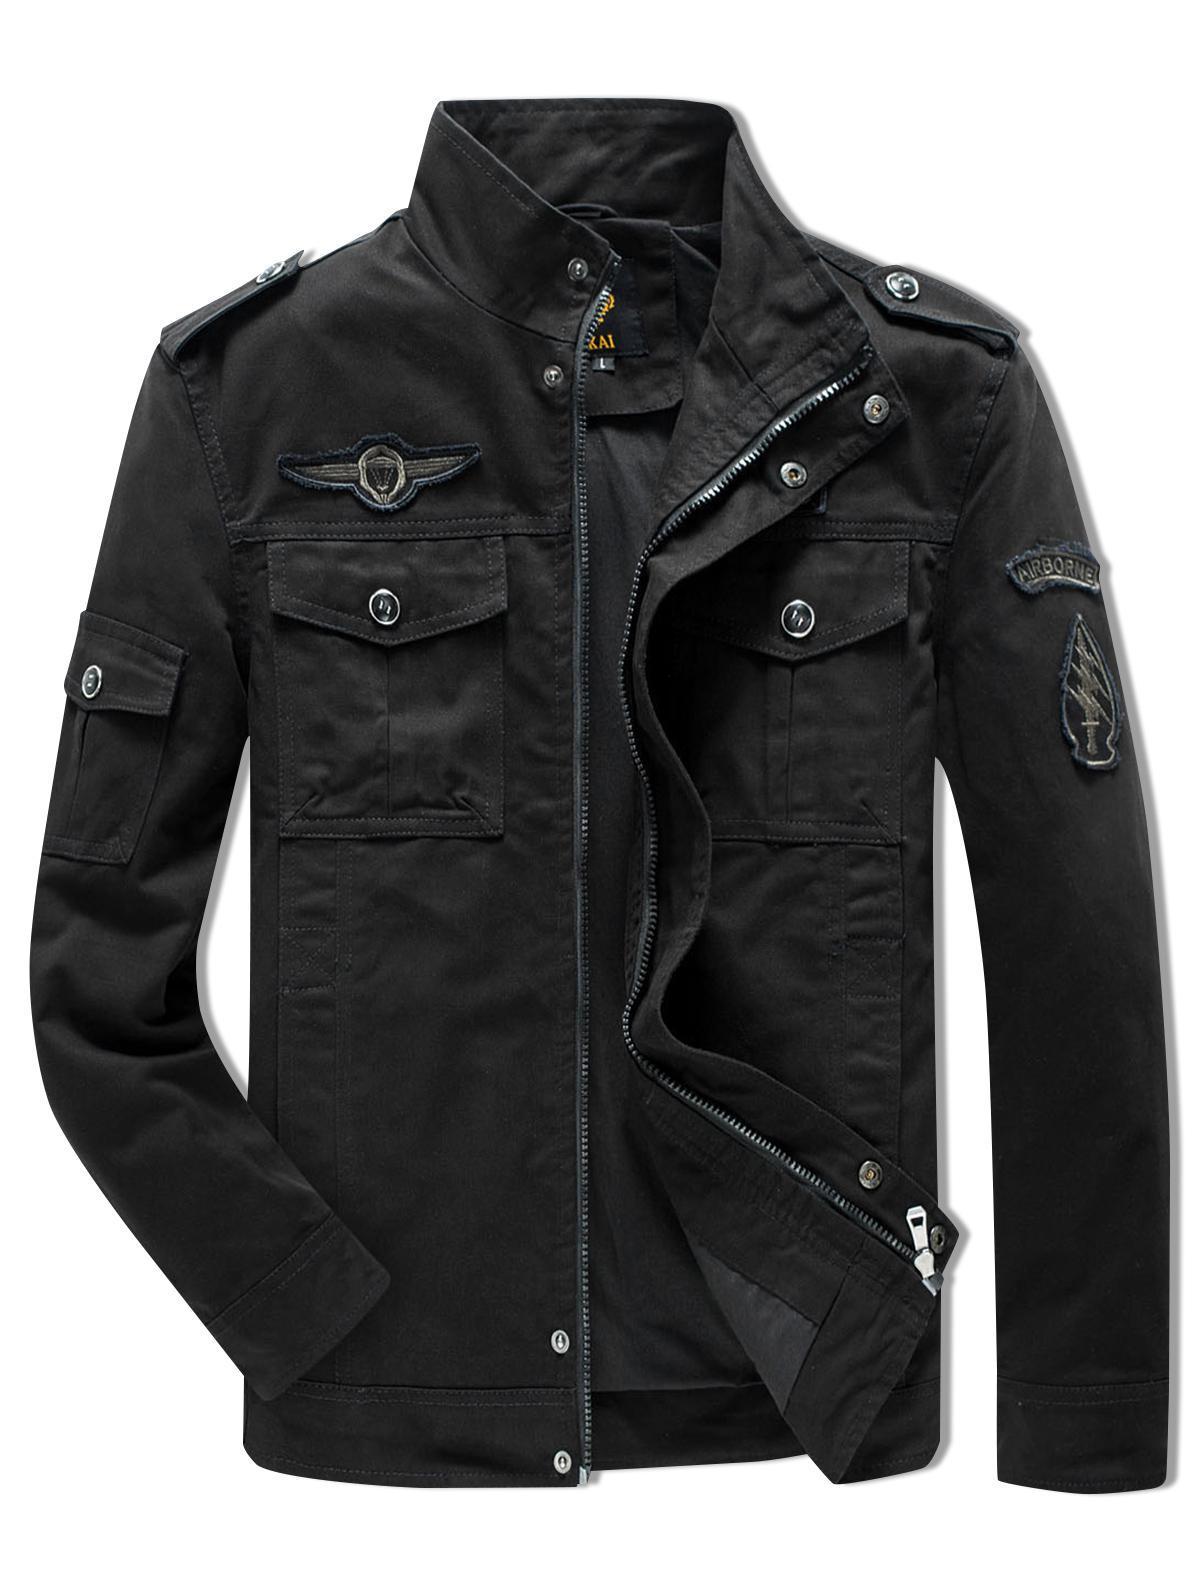 Sleeve Appliques Zipper Casual Jacket